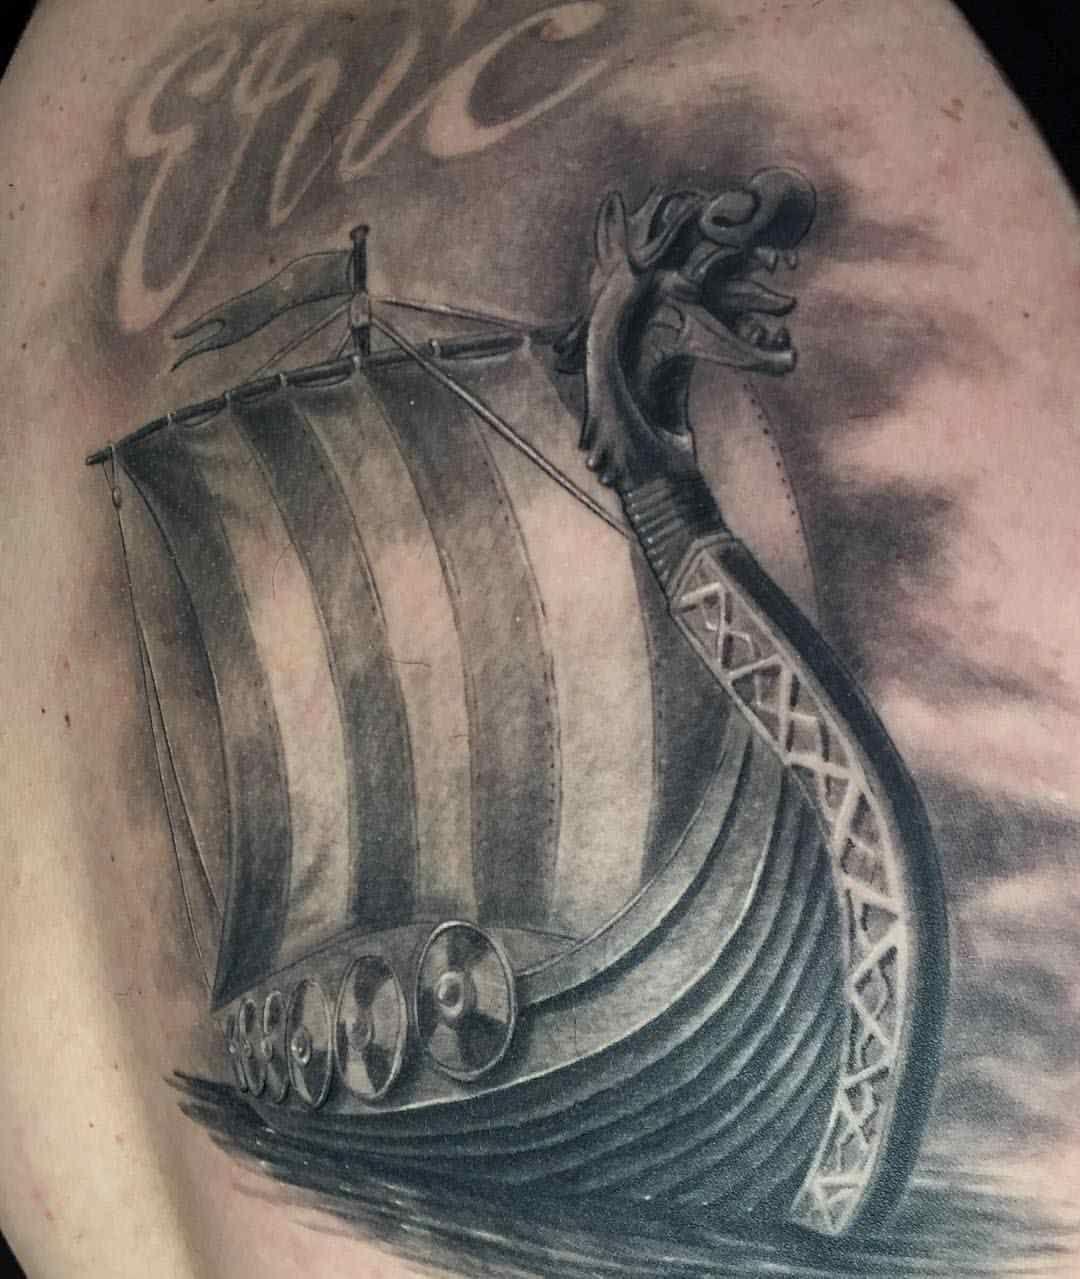 Tatouage Viking Signification Des Symboles Nordiques Les Plus Emblematiques Plusieurs Idees Artistiques Tatouage Viking Tatouage De Vikings Tatouage Bateau